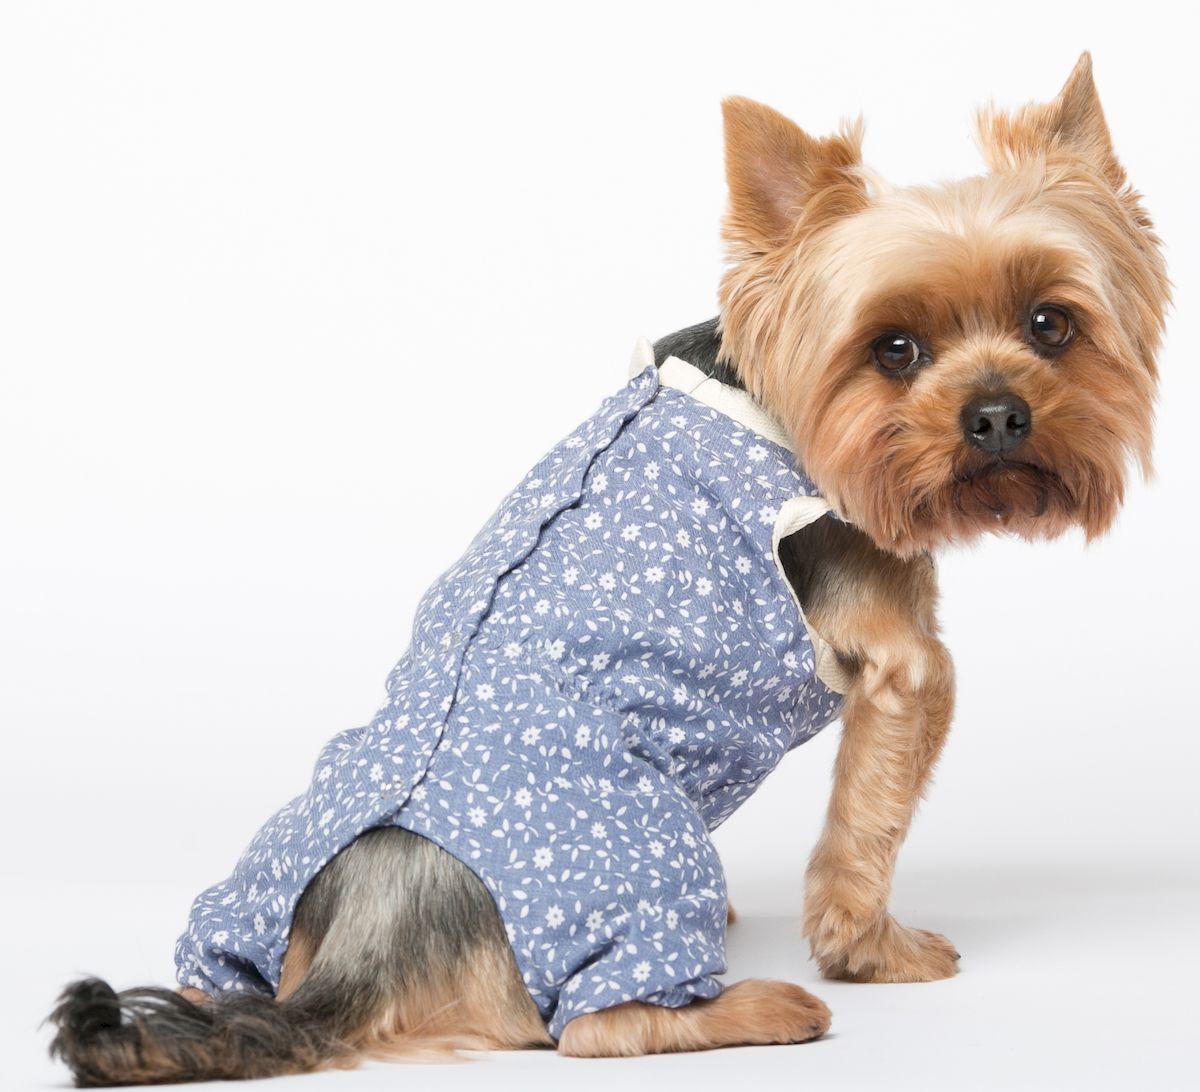 Комбинезон для собак Yoriki Цветочный, для девочки. Размер XXL комбинезон для собак dogmoda doggs зимний для девочки цвет фиолетовый размер xxl